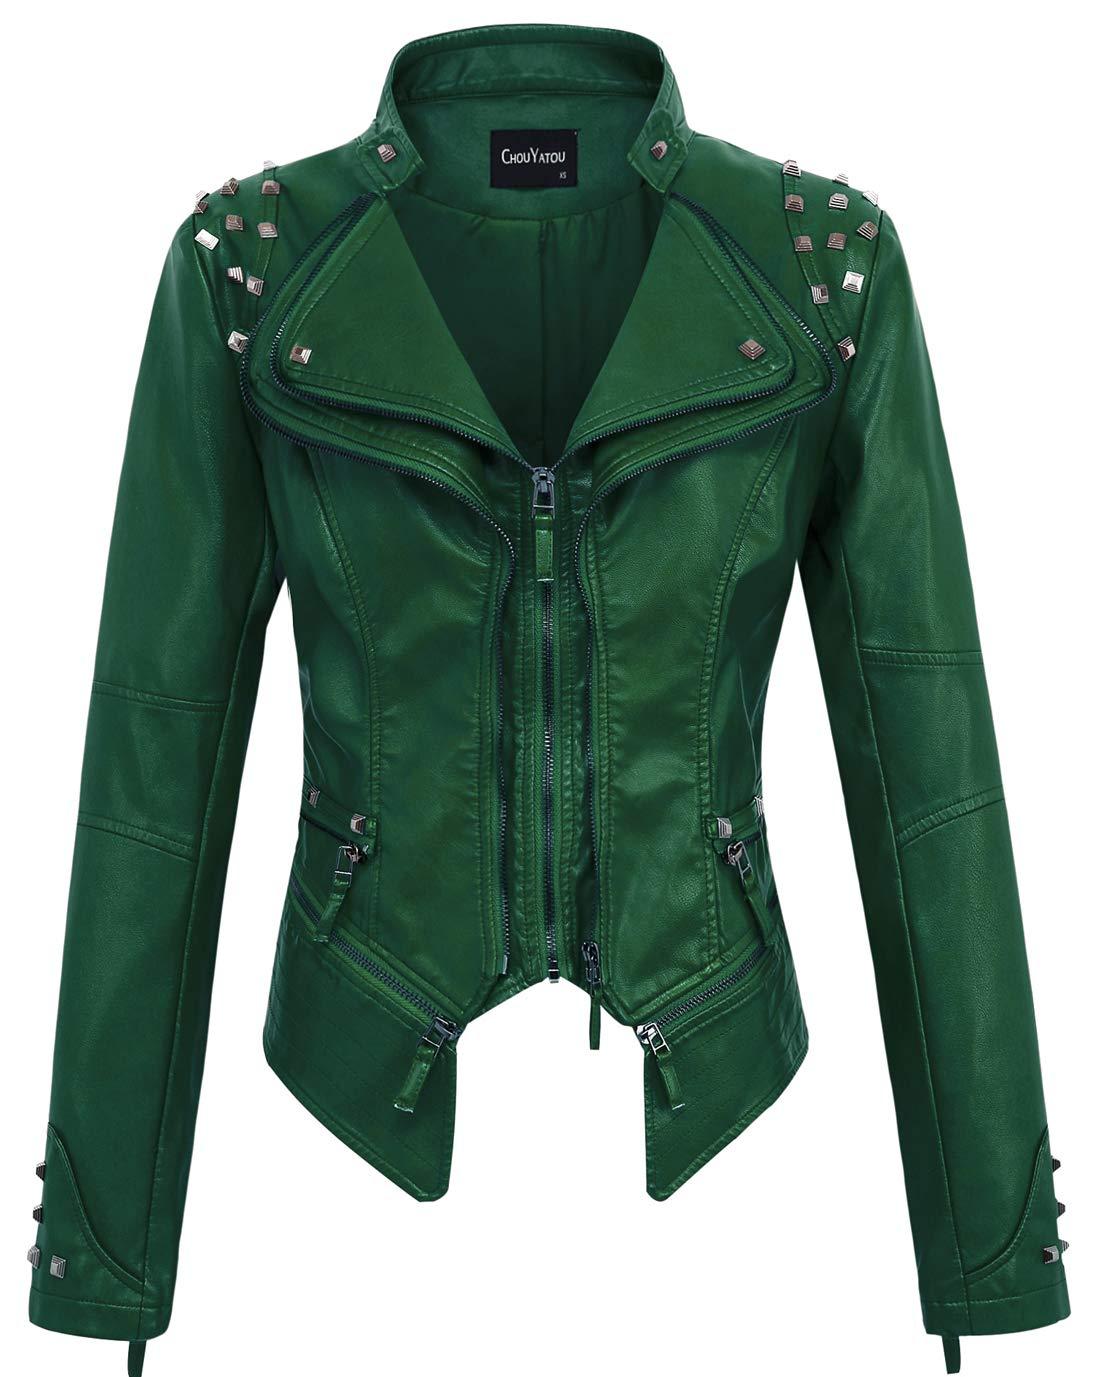 chouyatou Women's Fashion Studded Perfectly Shaping Faux Leather Biker Jacket (Large, Green) by chouyatou